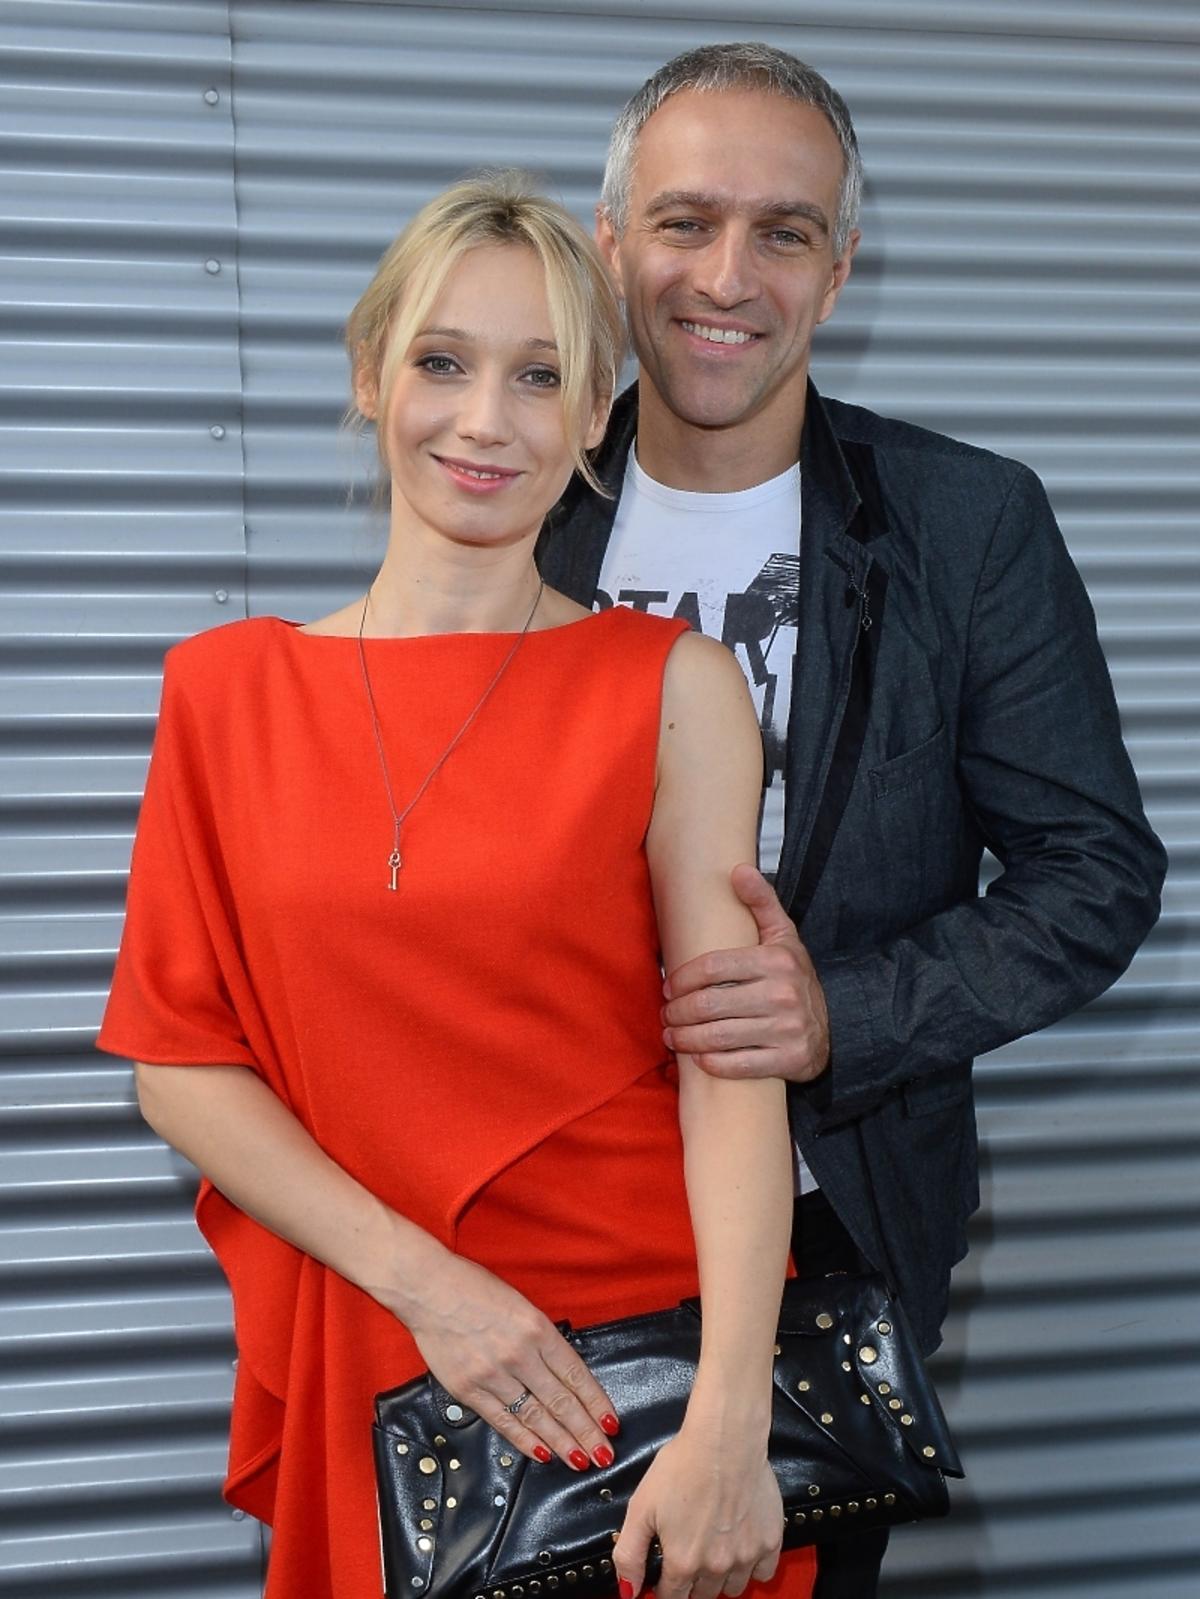 Joanna Orleańska i Paweł Orleański na 39 Festiwalu Filmowym w Gdyni 2014